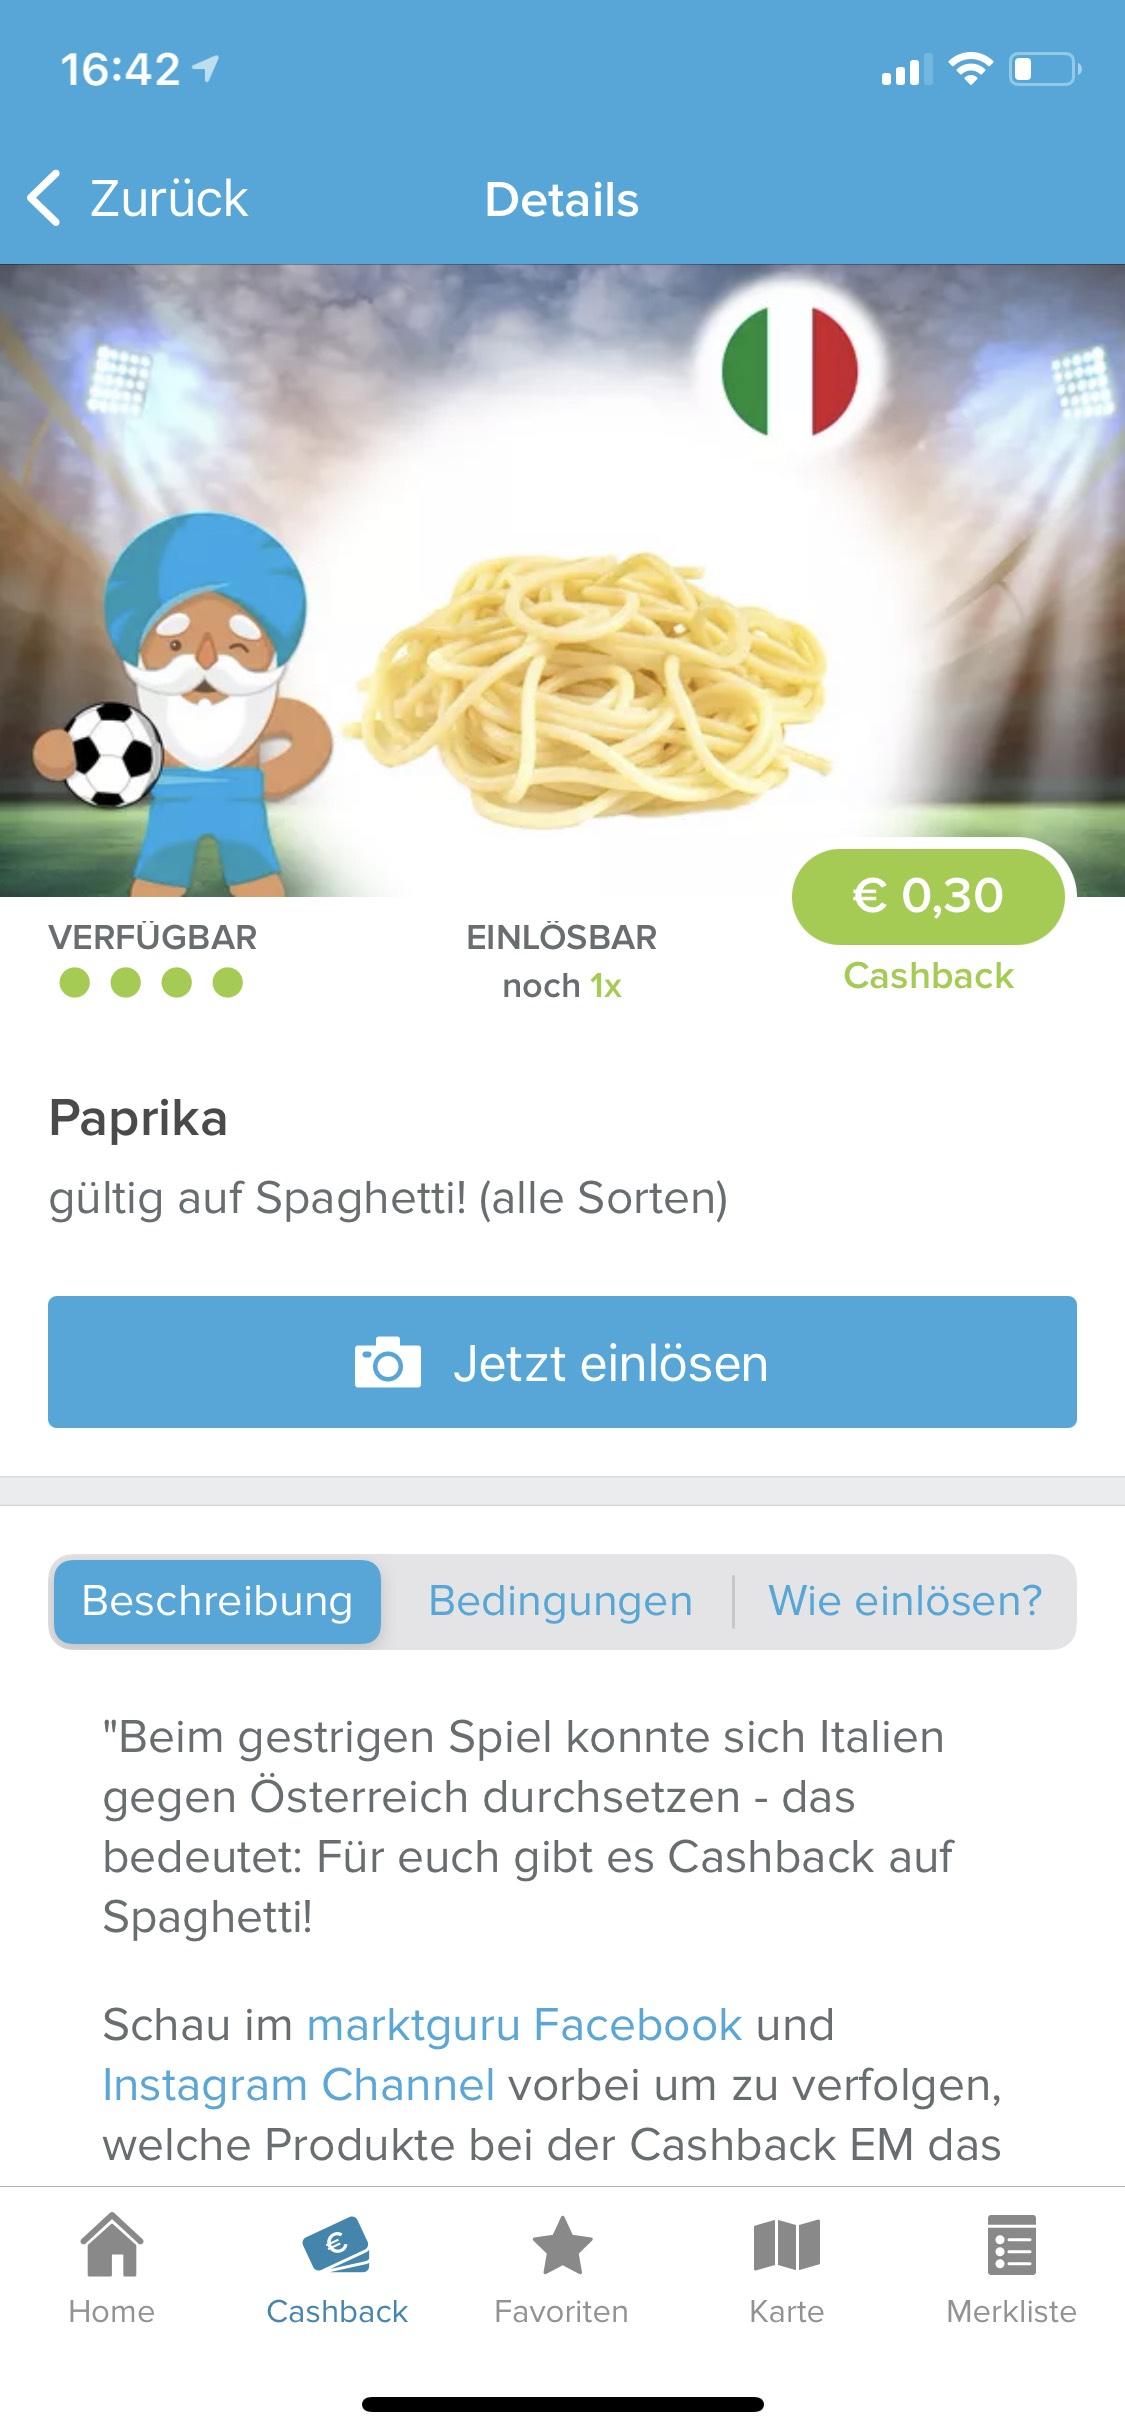 Marktguru Cashback Spagetti -0,3€